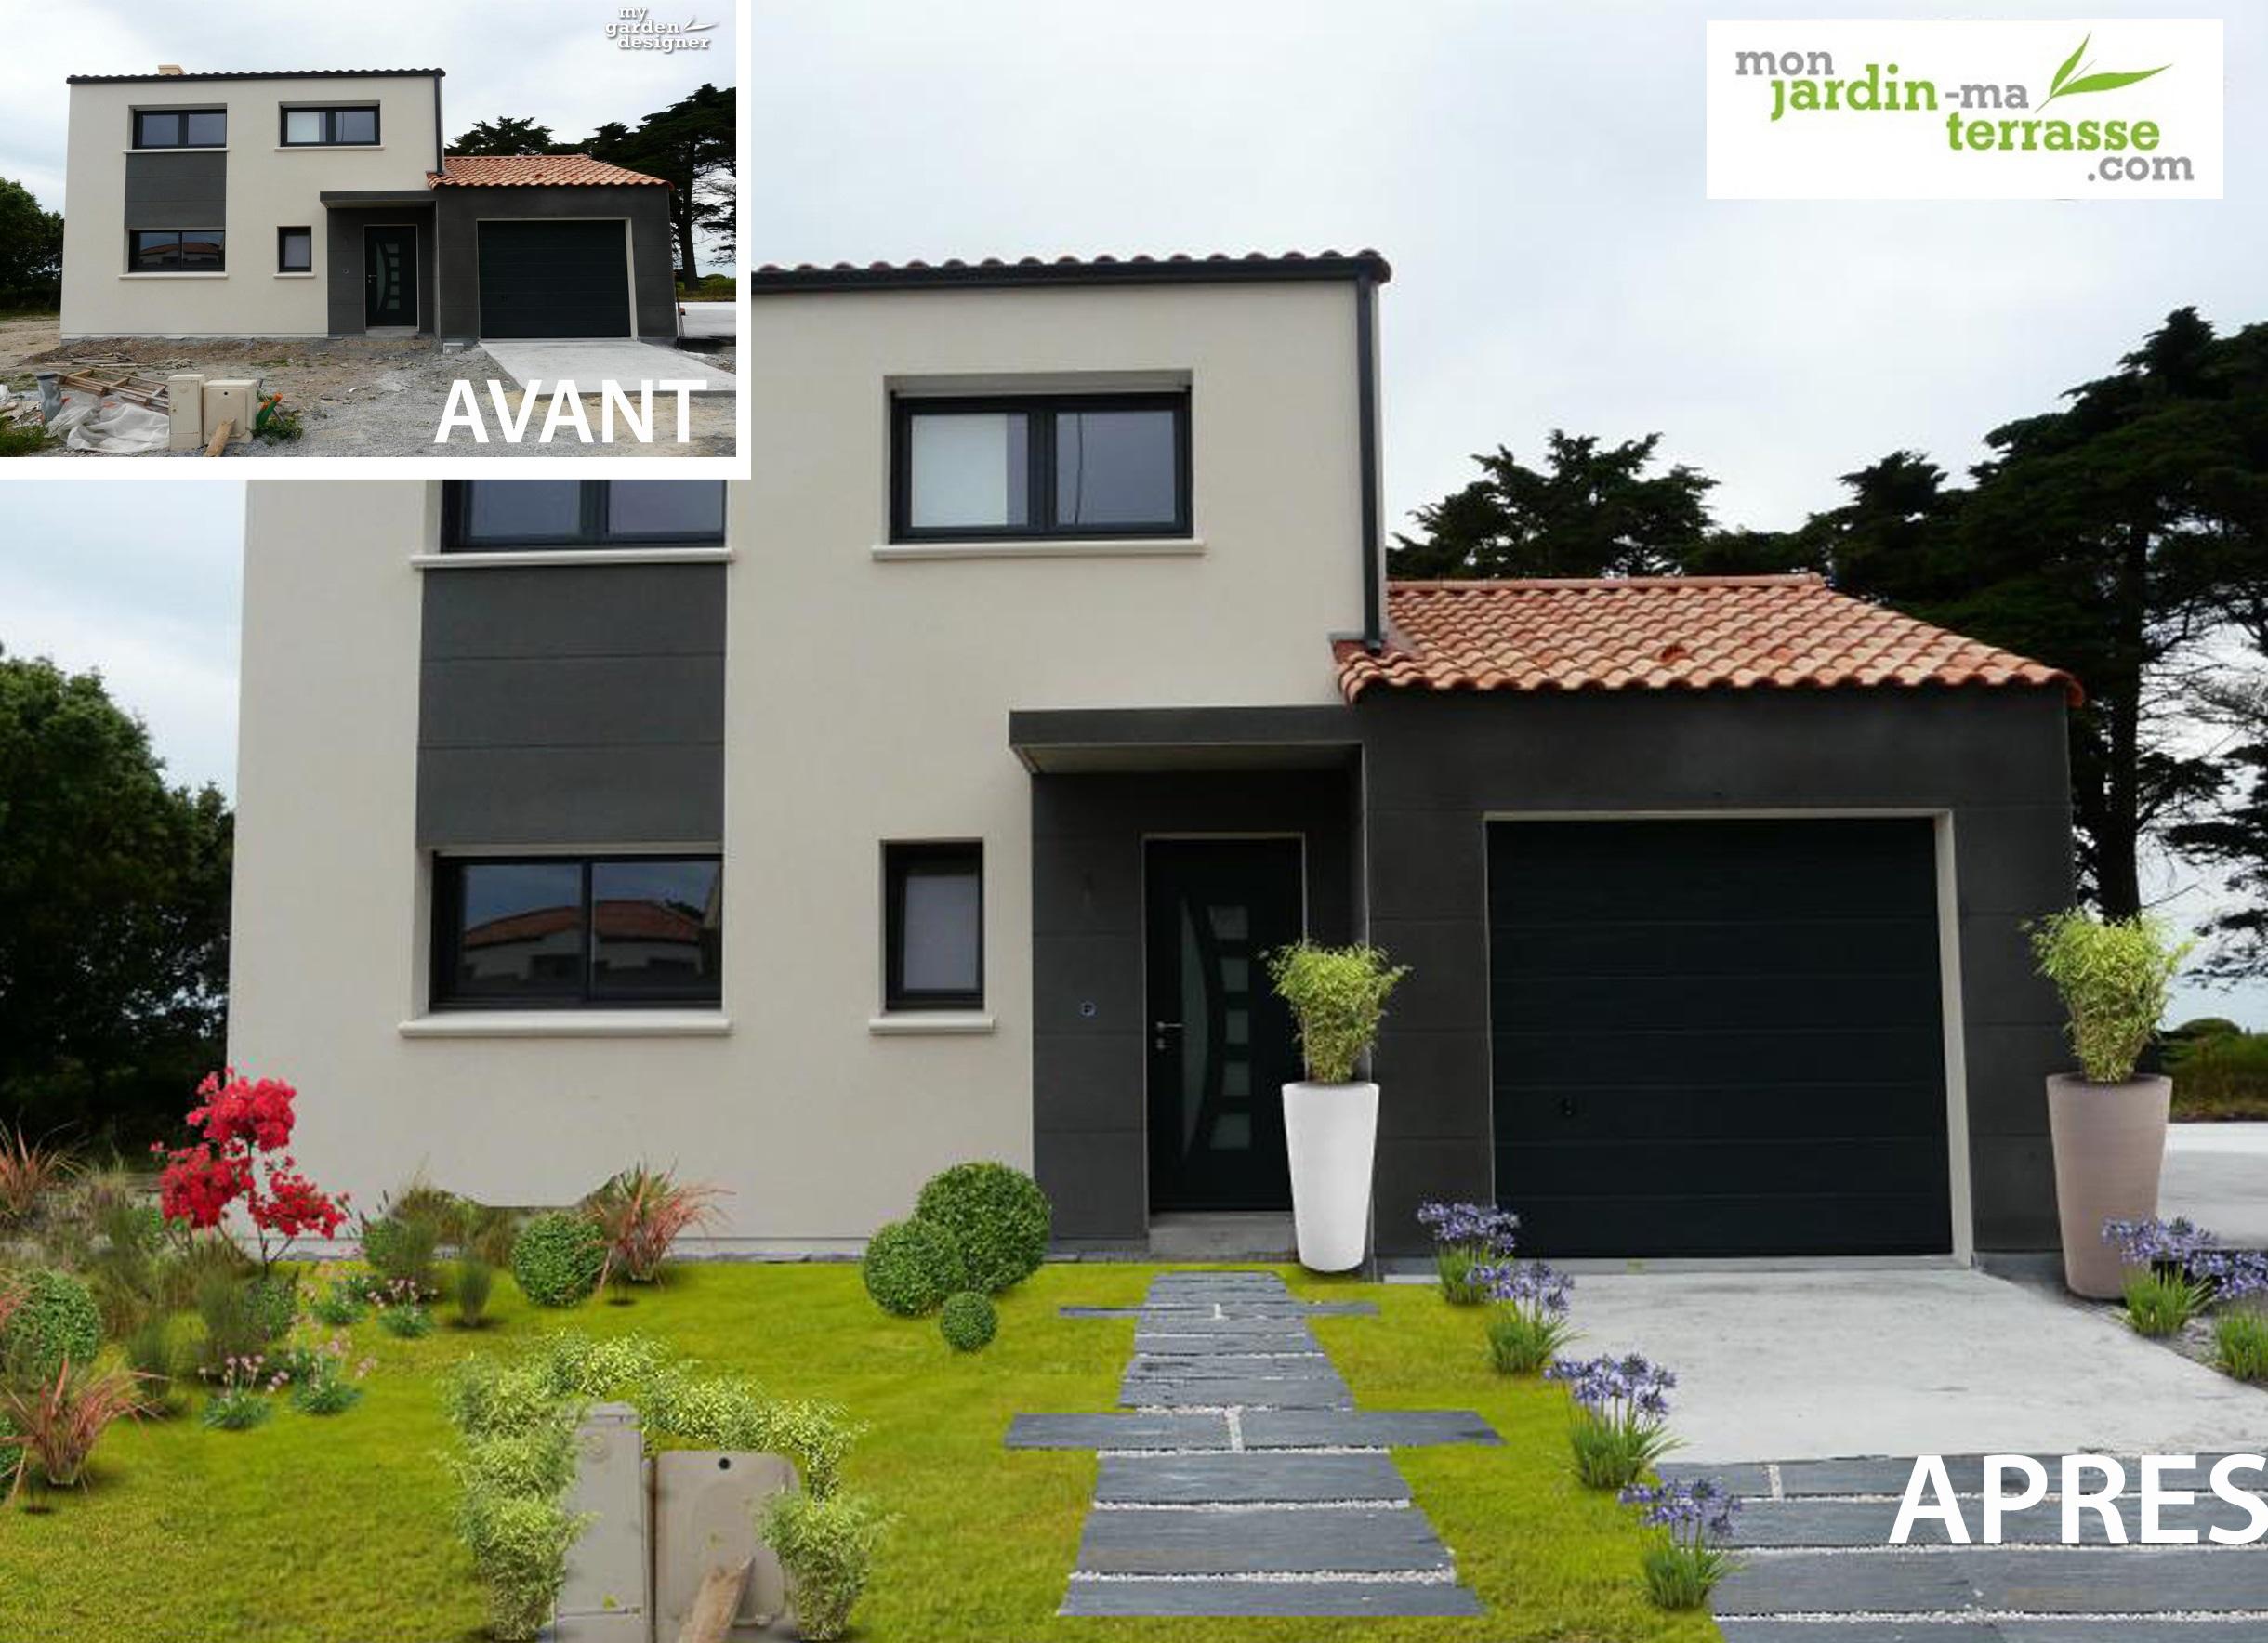 Aménager une entrée de maison moderne | monjardin-materrasse.com - Photo De Maison Moderne